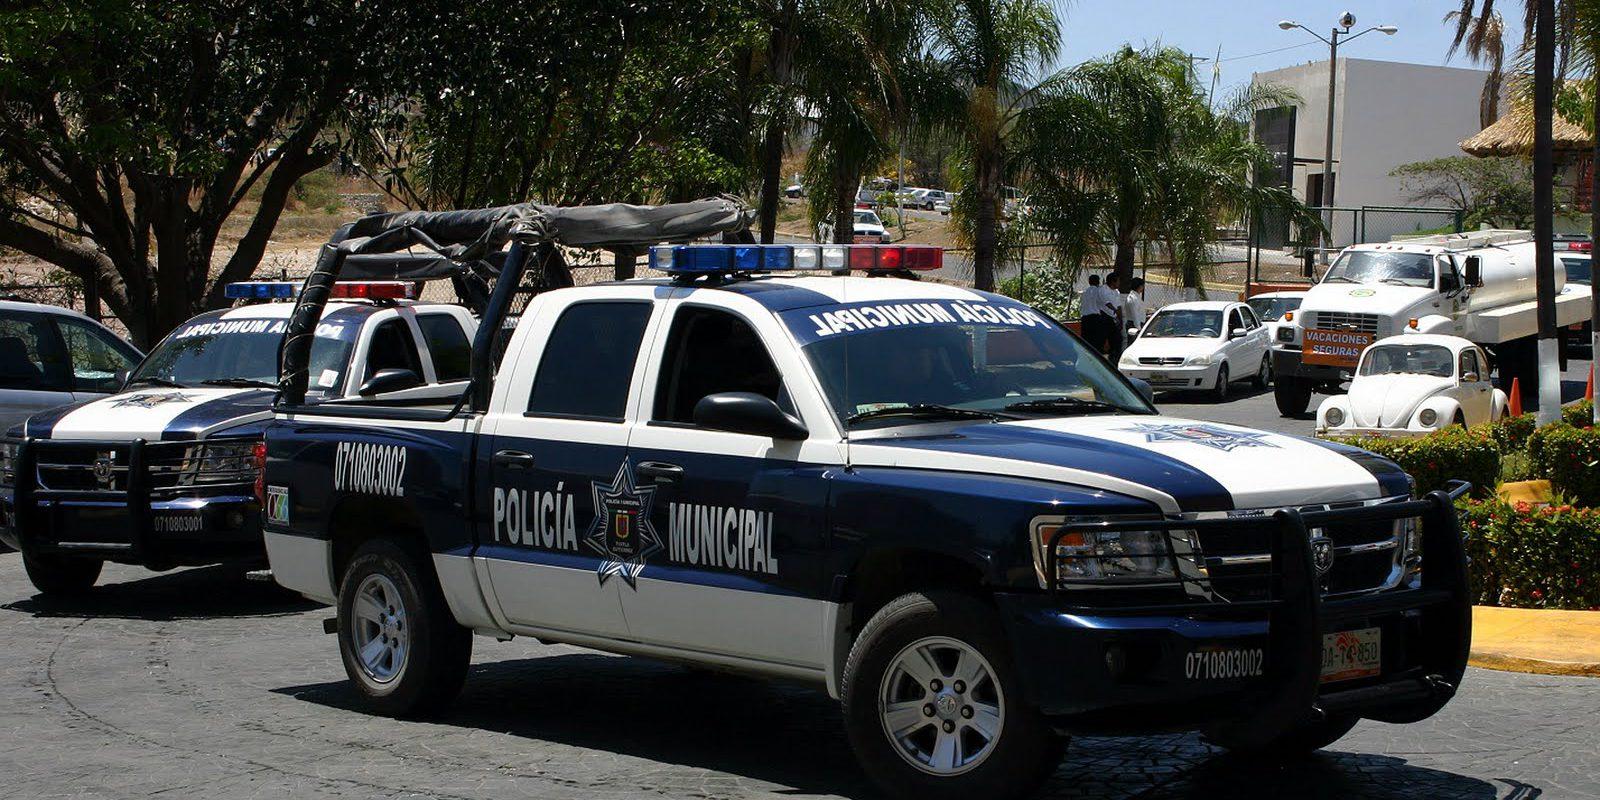 Mujer atropelló a su familia tras riña: Asesinó a una niñita de 7 años